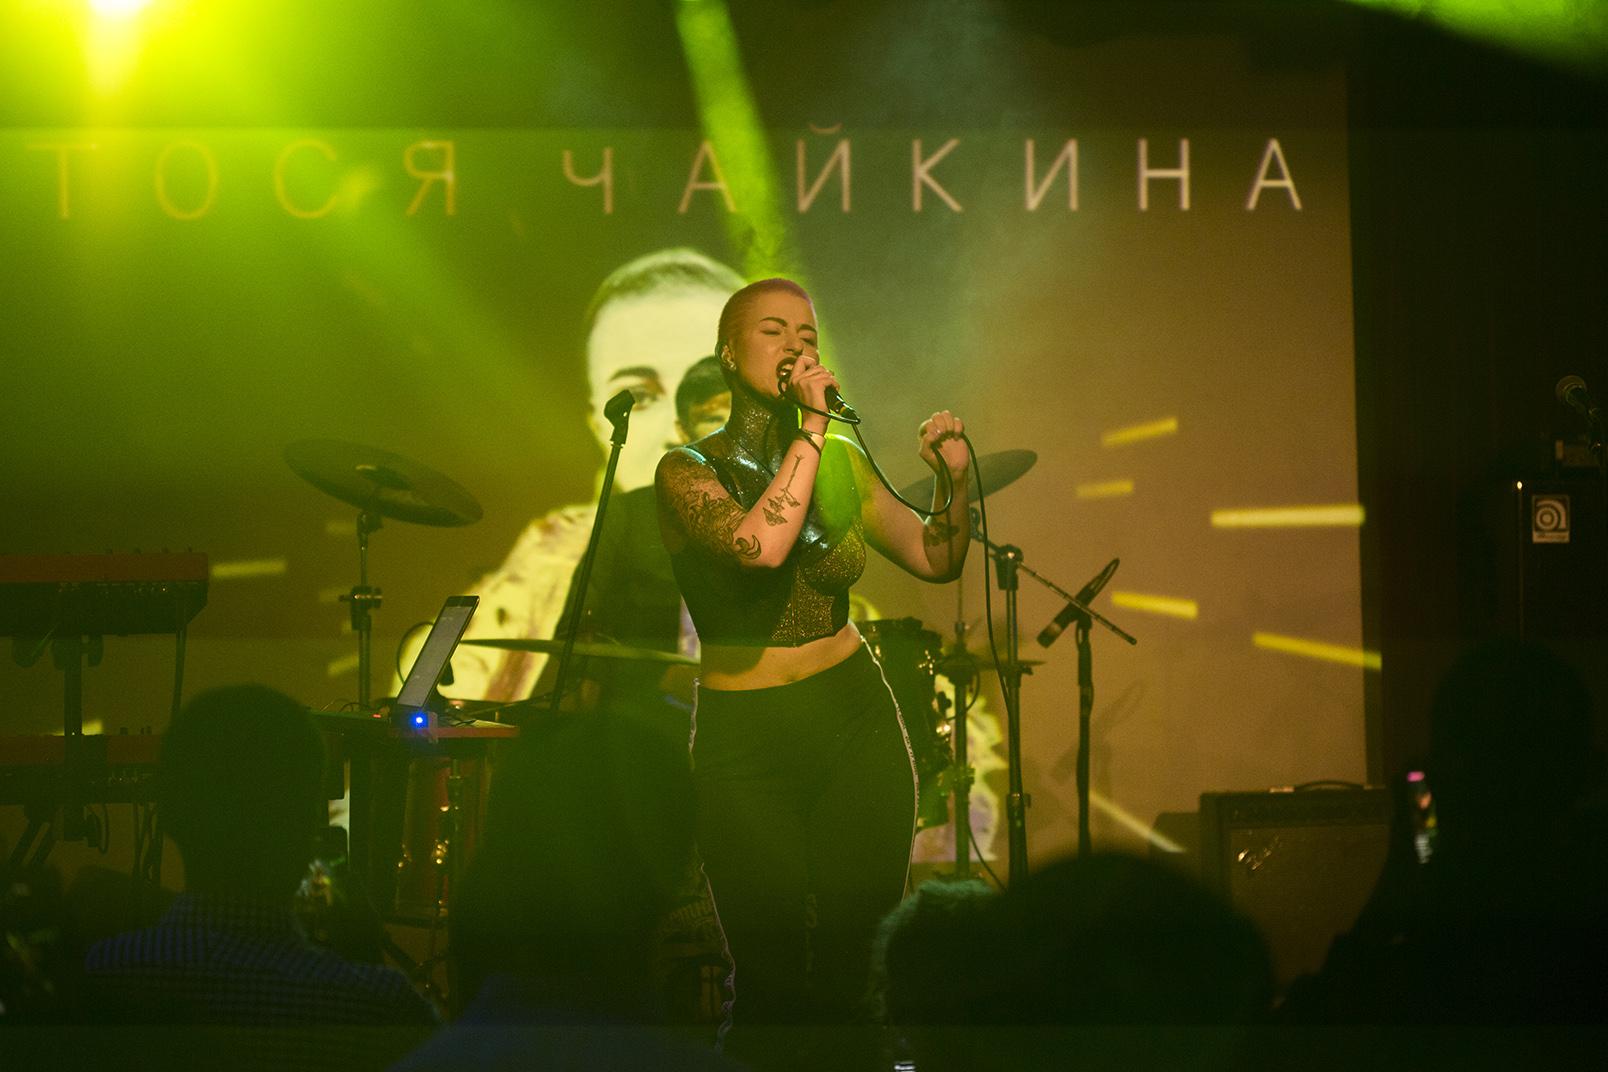 Фото Тося Чайкина, «Большой танцевальный концерт»